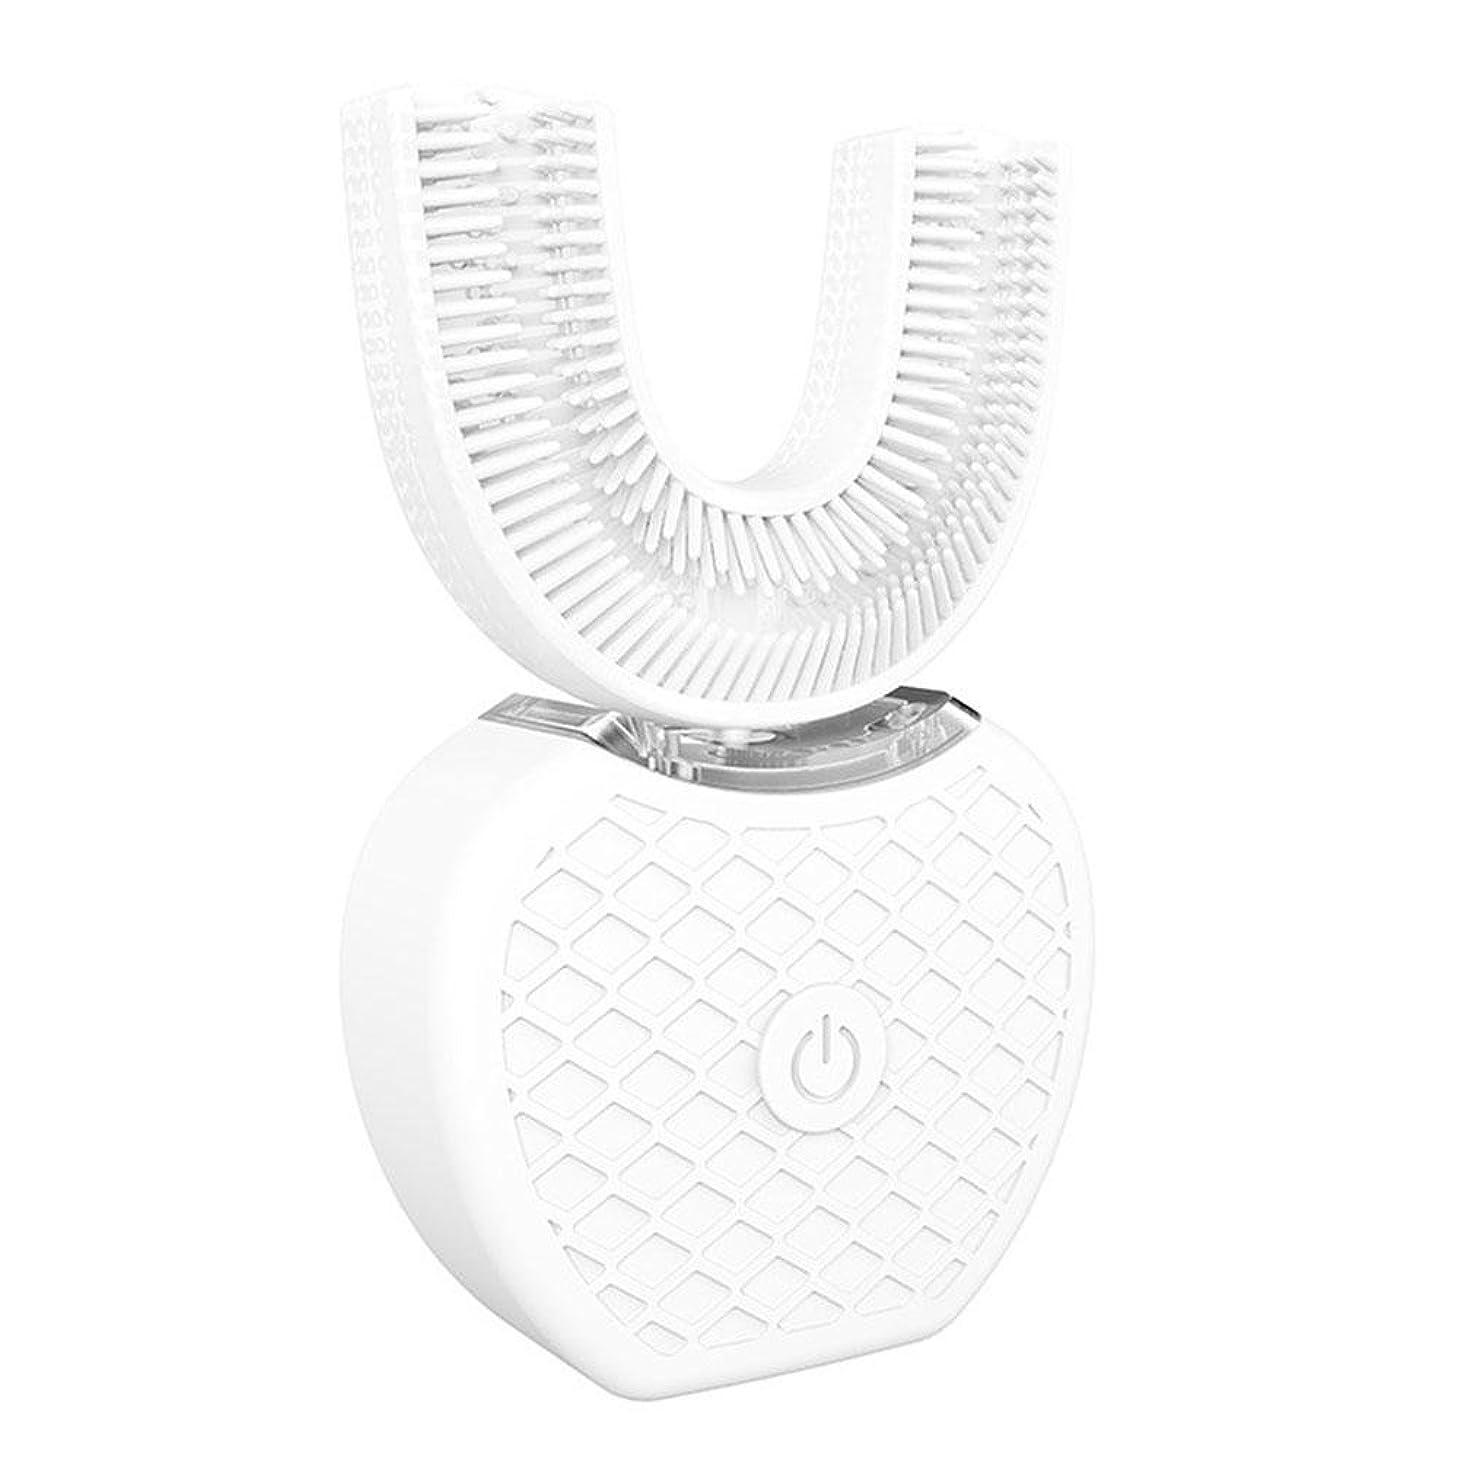 白雪姫ボックス商品【Cheng-store】自動周波数超音波電動歯ブラシ360° 怠惰な歯ブラシ白い歯の器具 自動ハンズフリー白色発光 ブラシヘッドをU字型4選択可能なモード